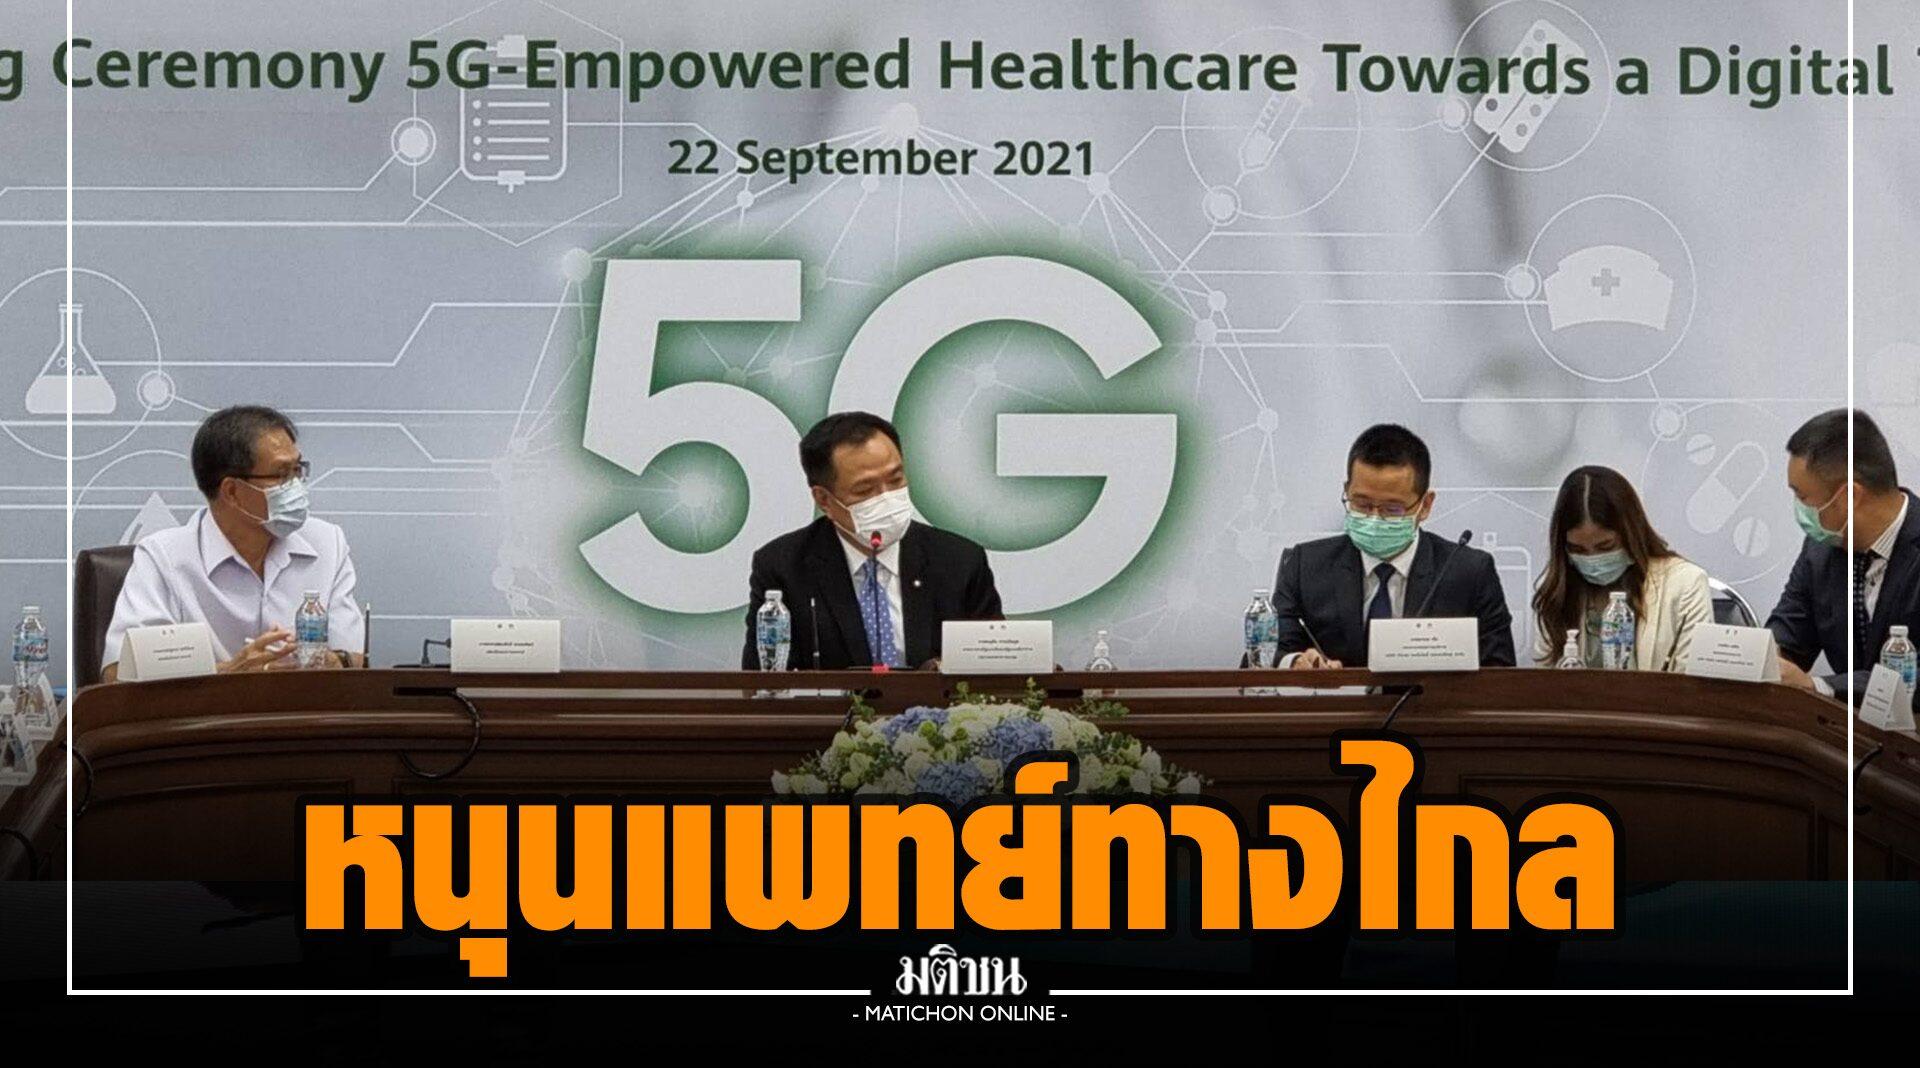 สธ.-หัวเว่ย จับมือพัฒนา 5G Healthcare หนุนการแพทย์ทางไกล